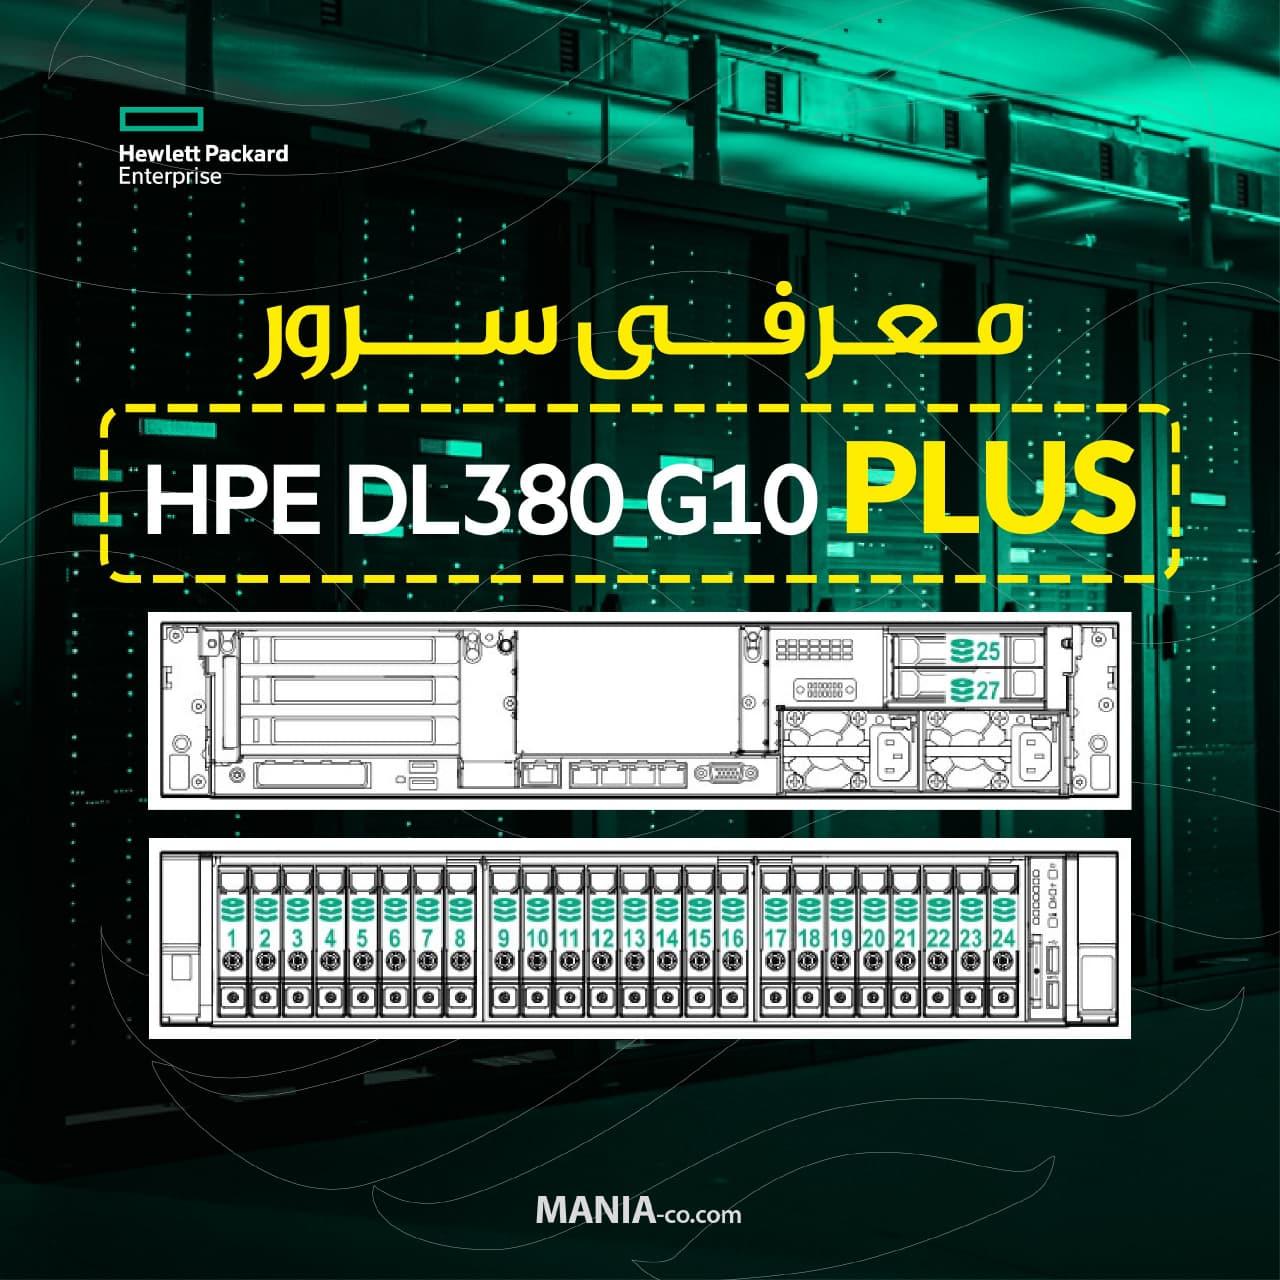 معرفی سرور HPE DL380 G10 PLUS